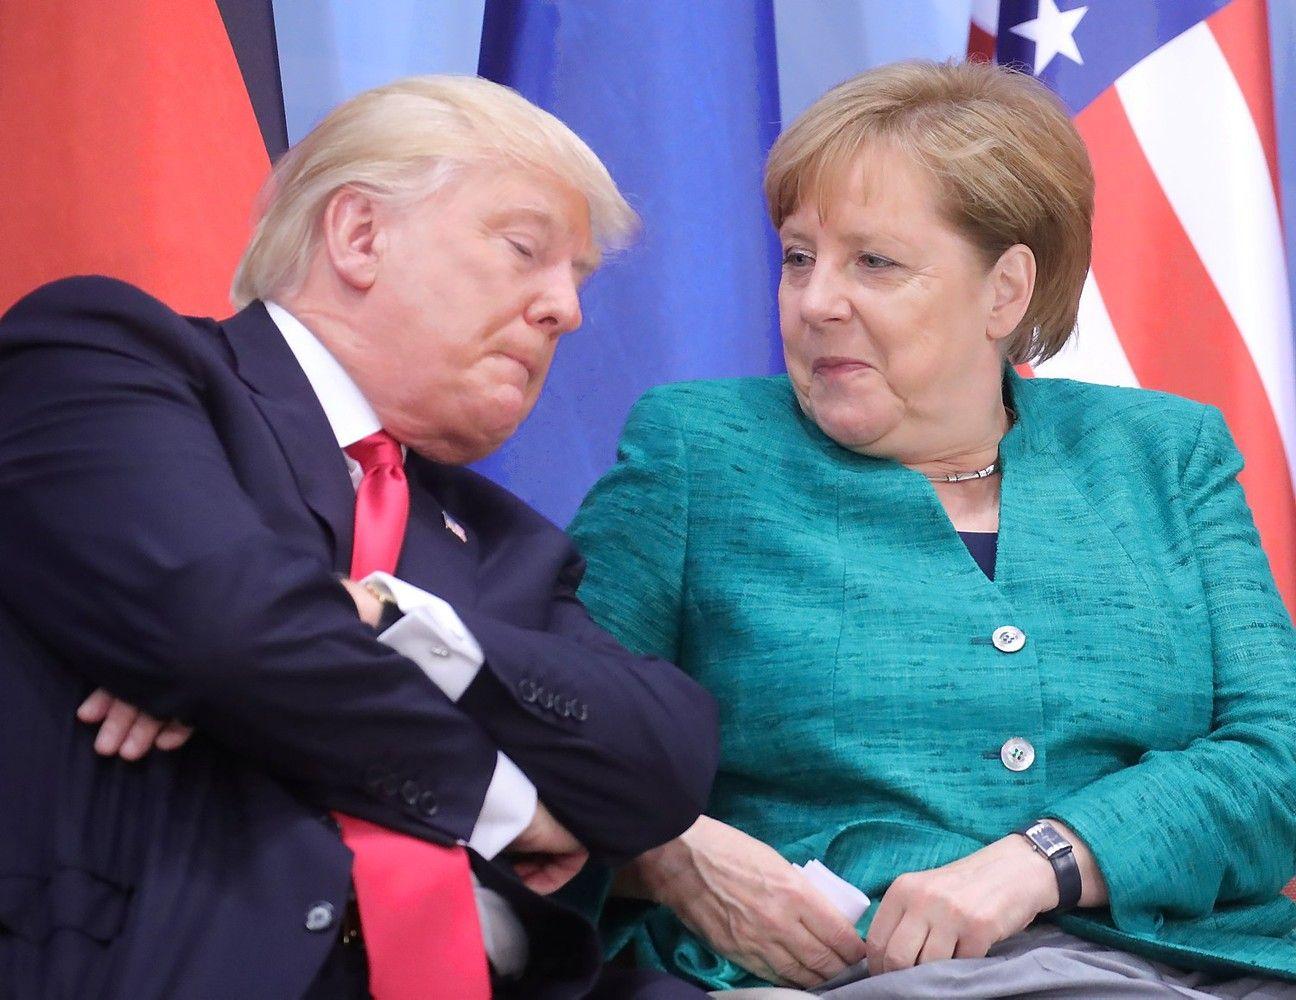 Trumpas pažadėjo greitą irplačios apimtiesprekybos sutartį su JK